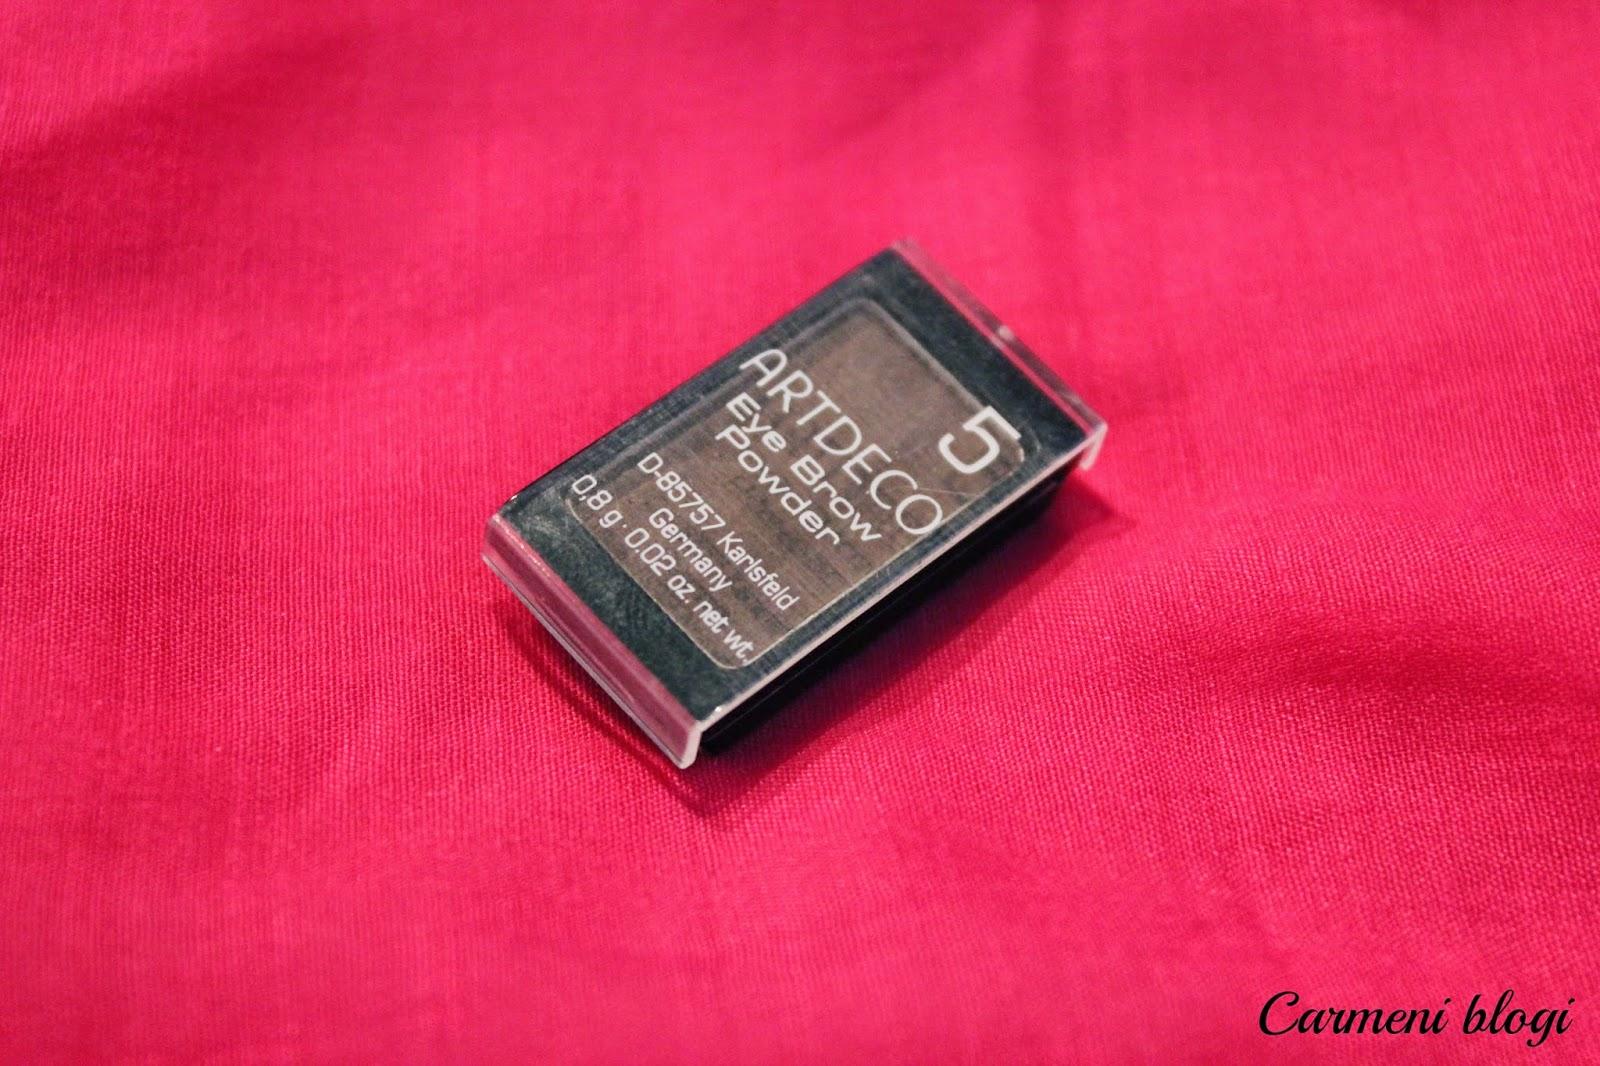 8c9cceec1f0 Selle pigment on väga tugev ja kiirelt saab sellega endale ideaalsed  kulmud. Lisaks on toode nii hea hinnaga! Kandsin seda kunagi peale Real  Techniques'i ...